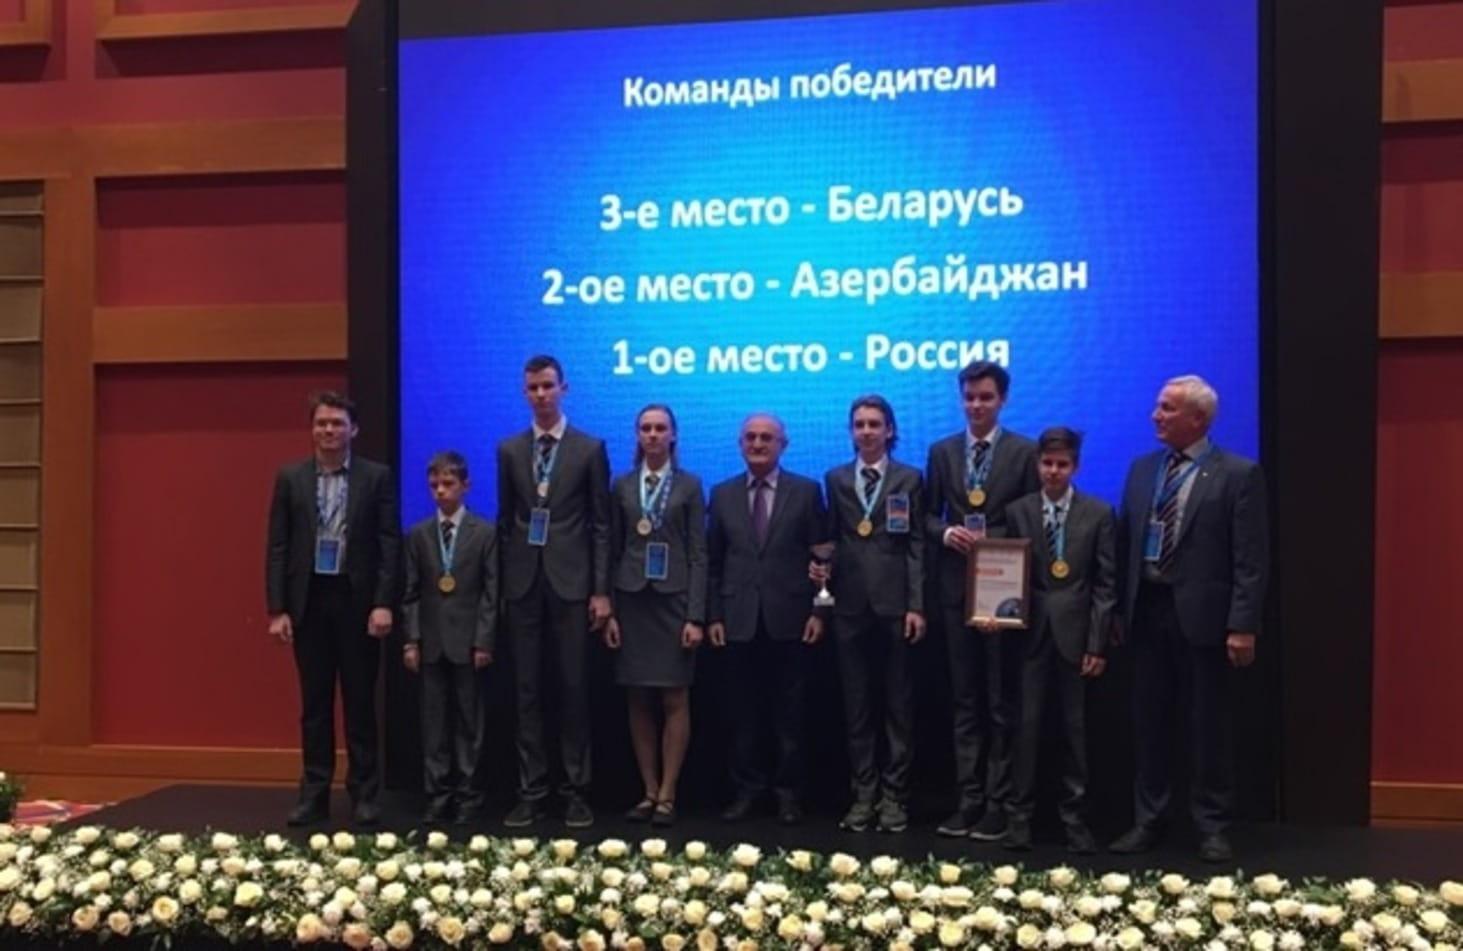 rossijskaya-sbornaya-oderzhala-pobedu-na-mezhdunarodnoj-olimpiade-po-tochnym-naukam-min